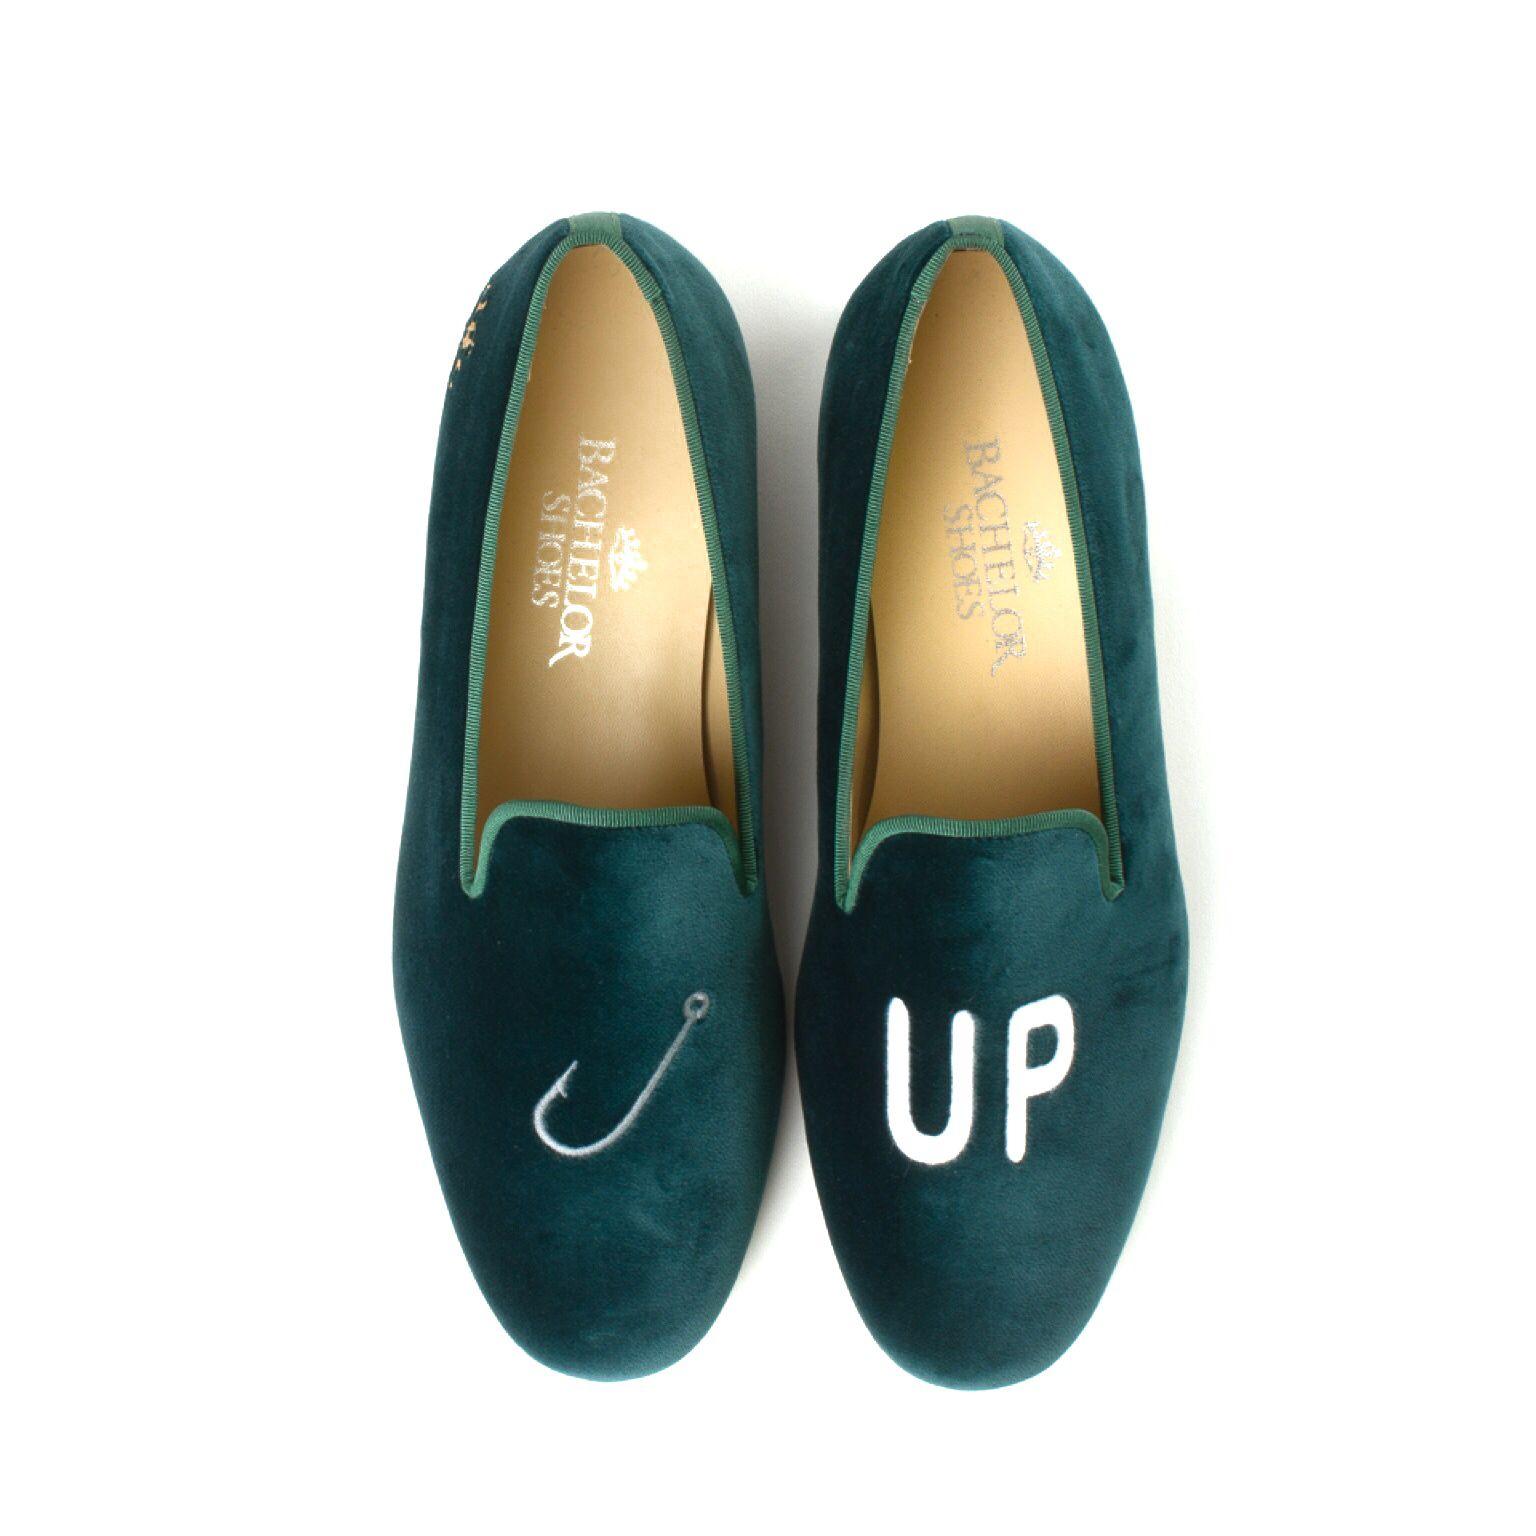 Hook up velvet slippers